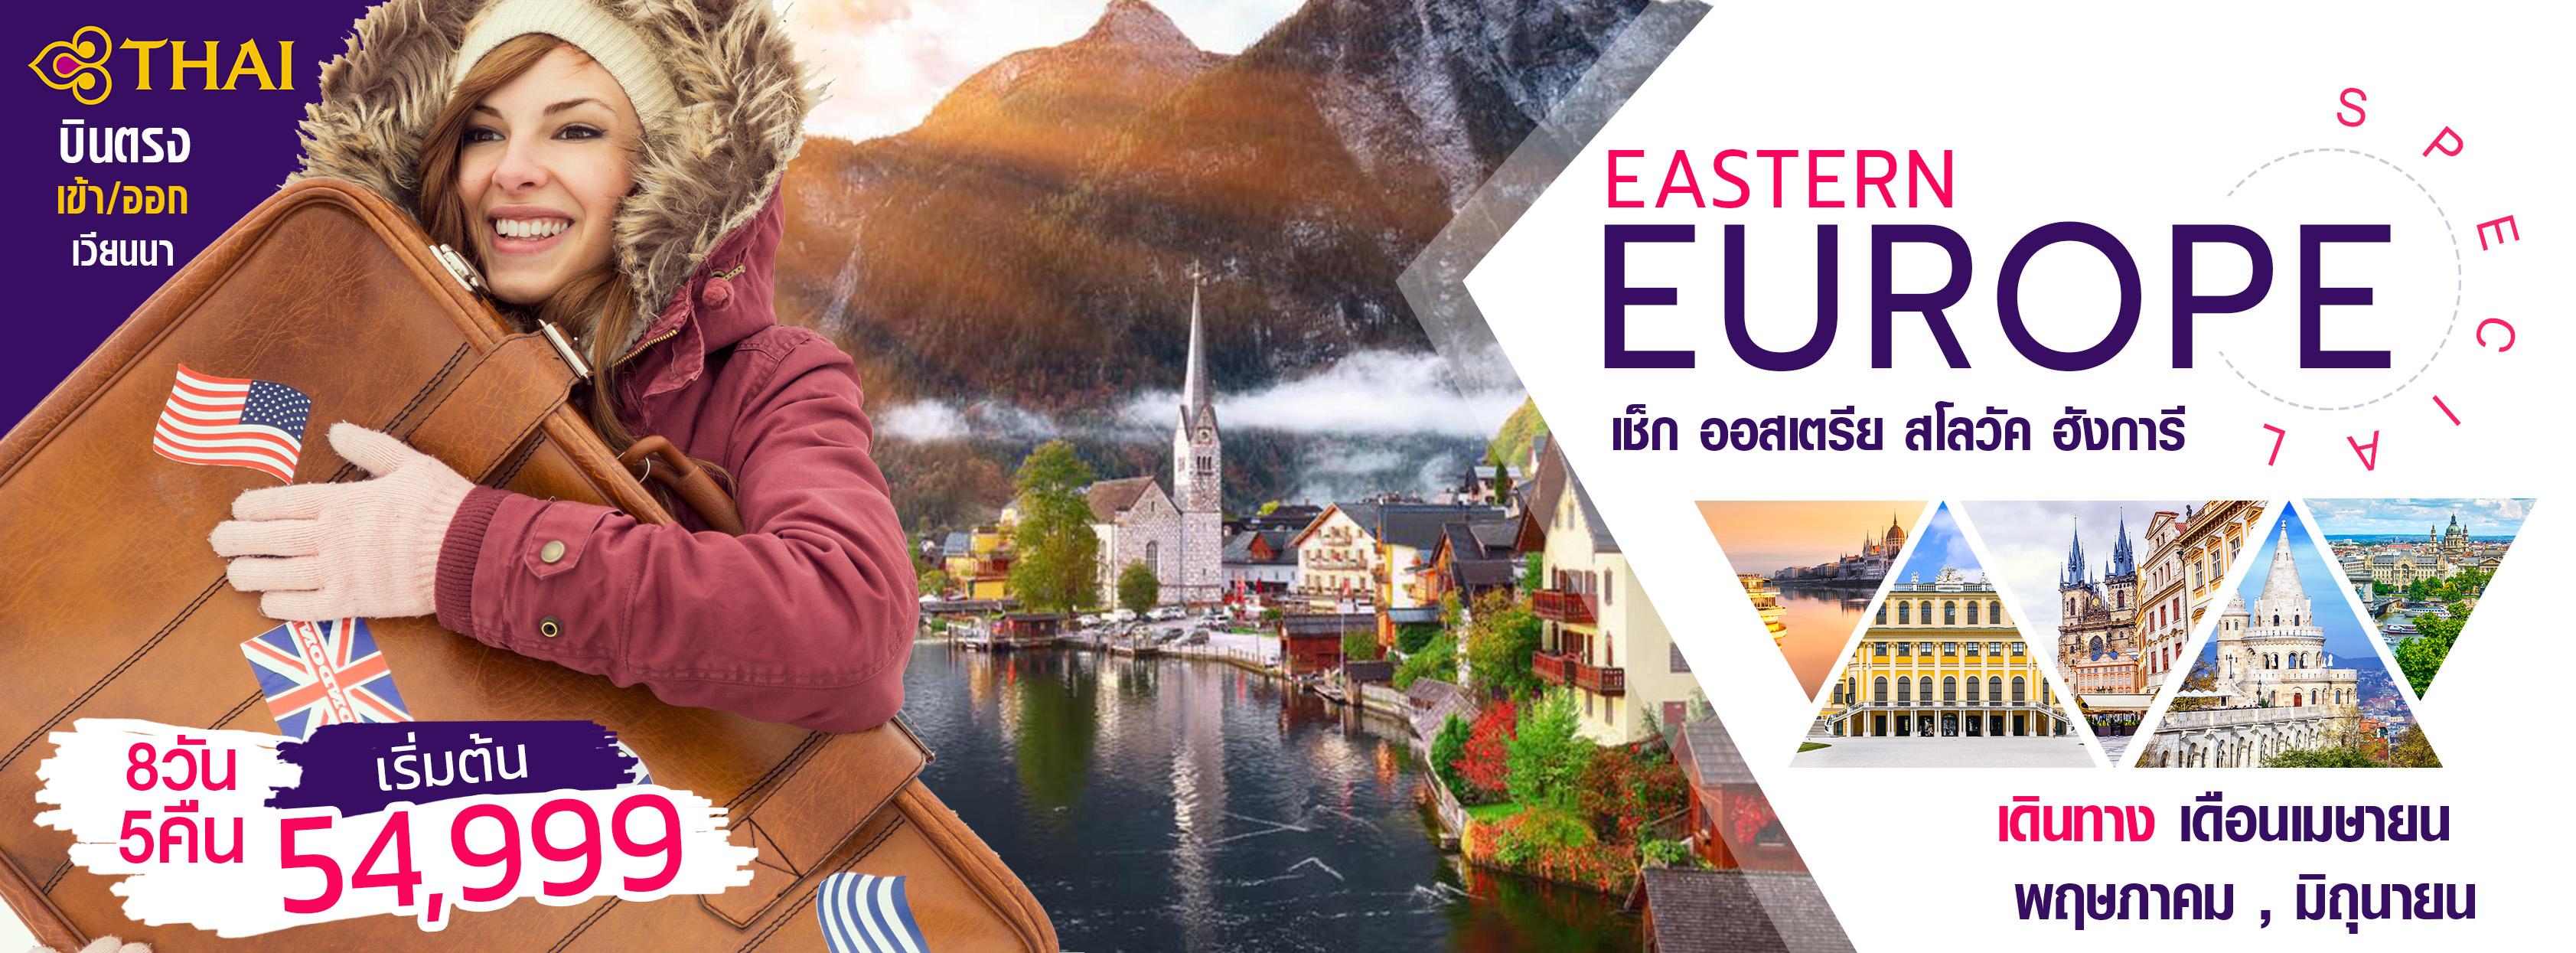 ทัวร์ยุโรป HASHTAG EASTERN EUROPE SPECIAL IN PRAGUE